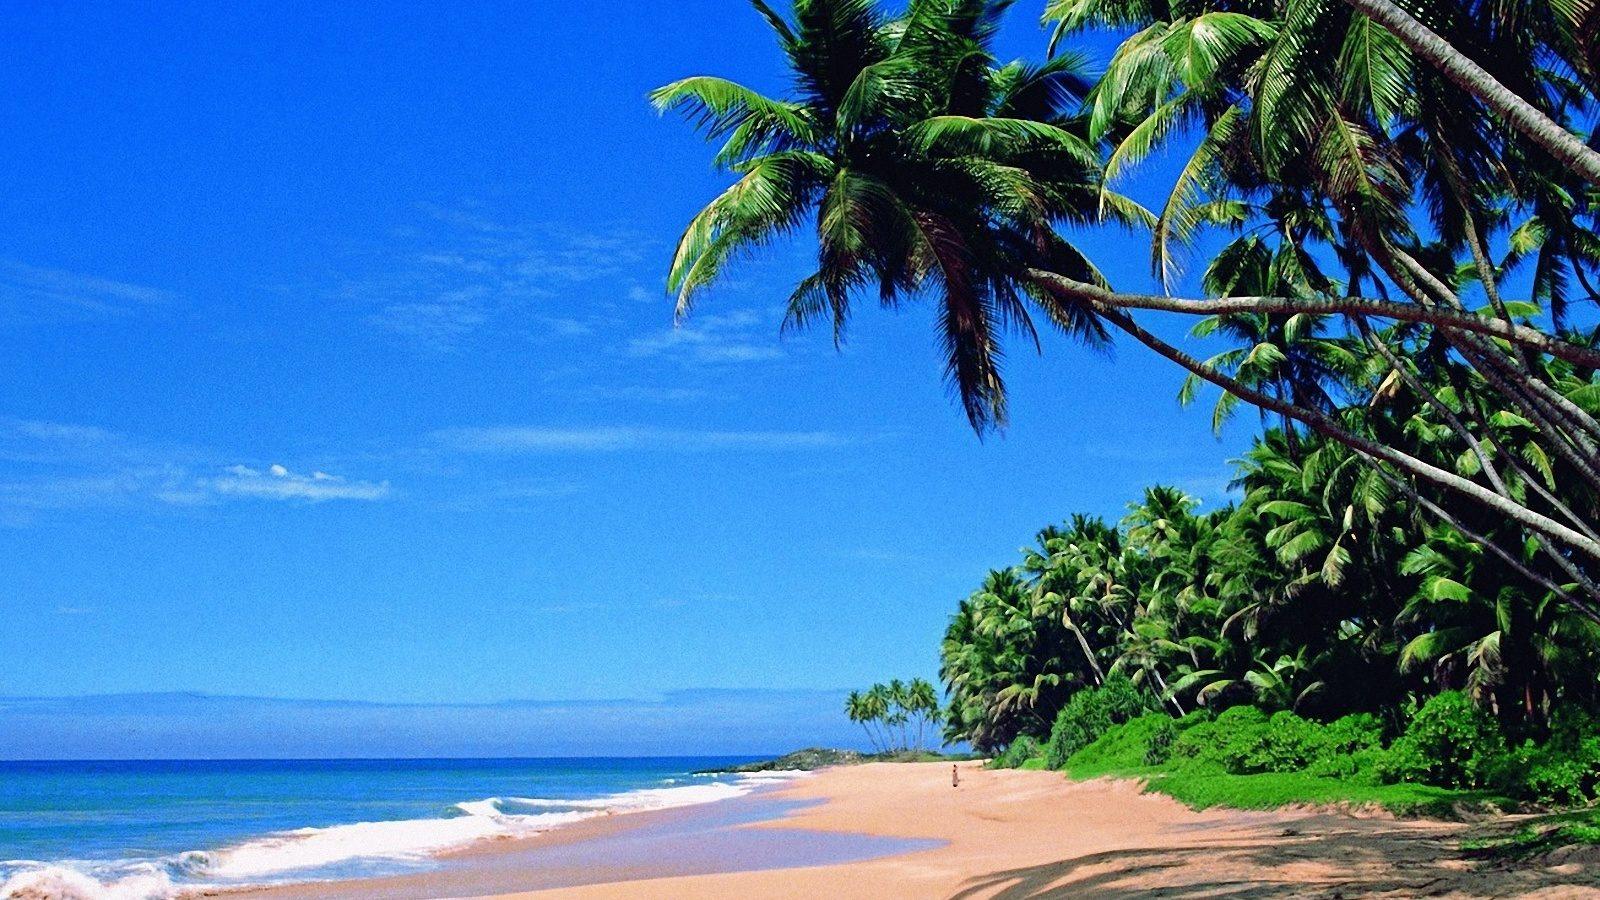 La plage du Kerala en Inde